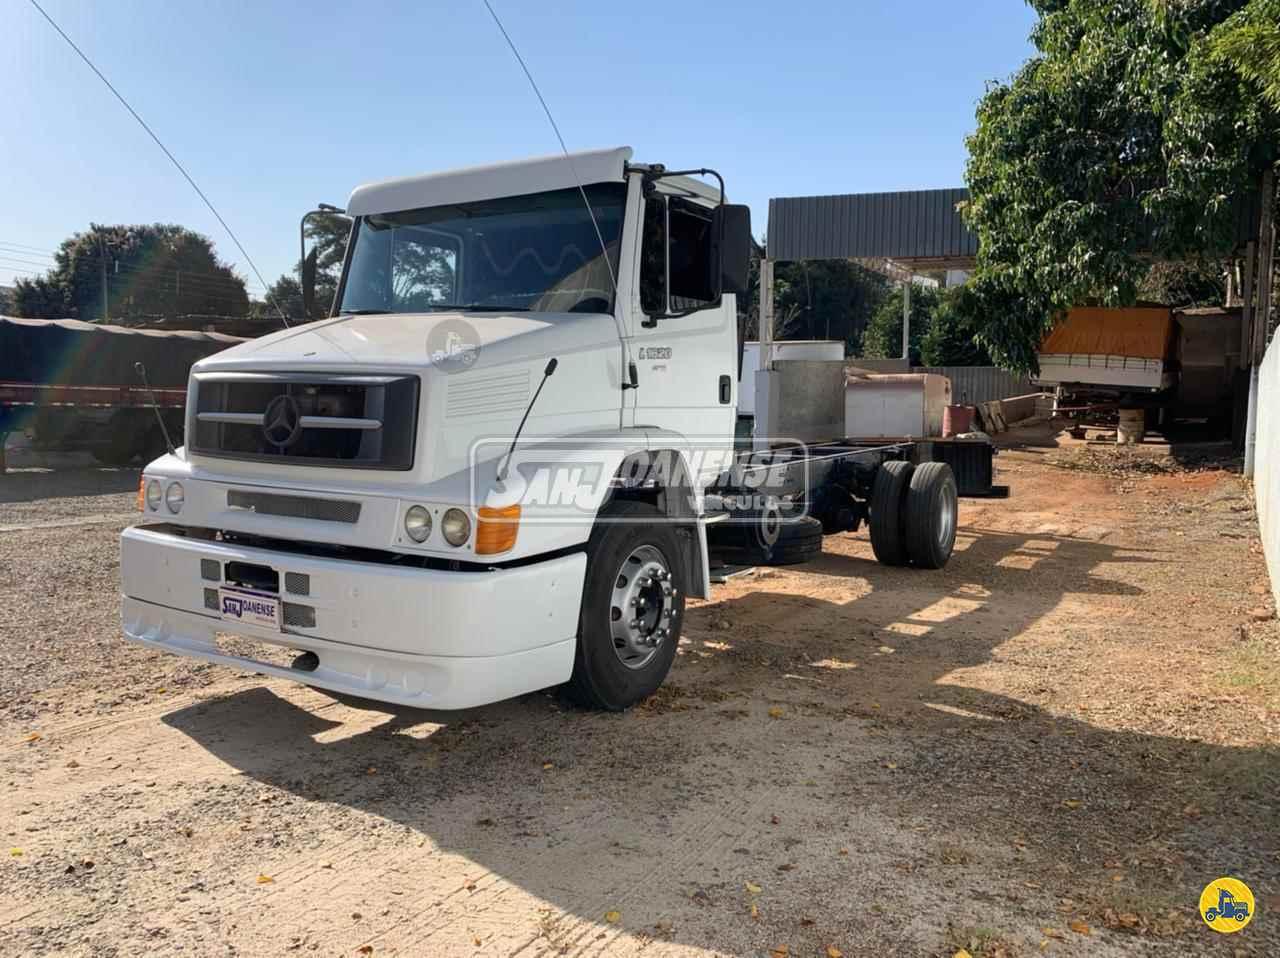 CAMINHAO MERCEDES-BENZ MB 1620 Chassis Toco 4x2 Sanjoanense Veículos SAO JOAO DA BOA VISTA SÃO PAULO SP